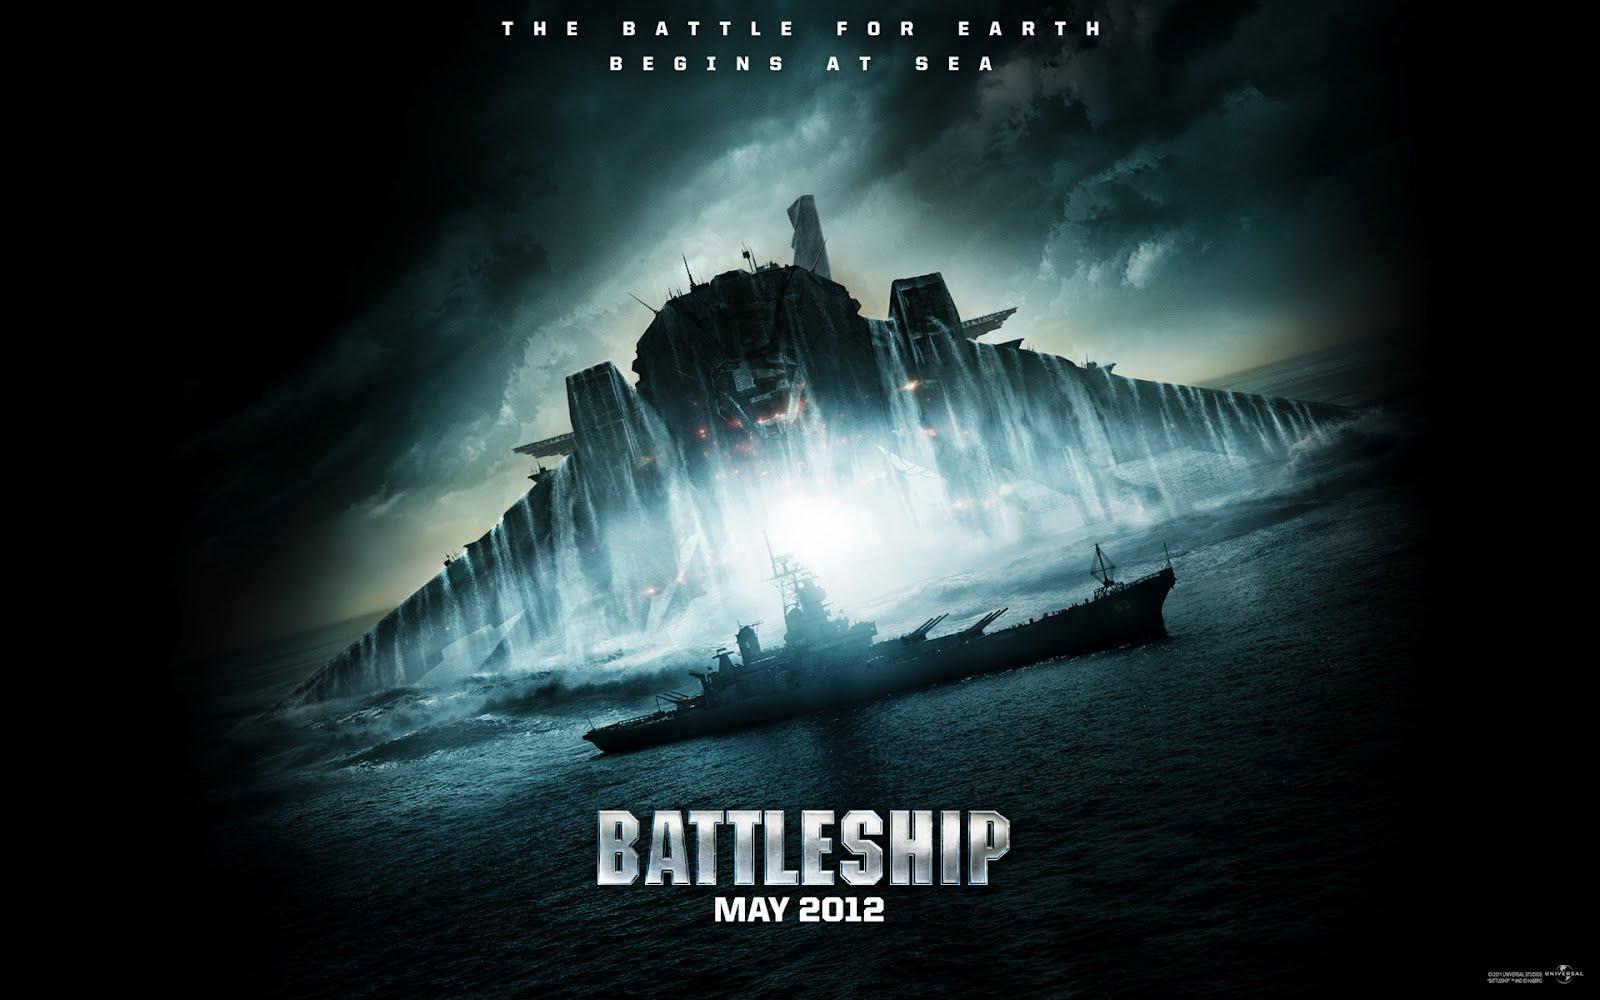 http://2.bp.blogspot.com/-d44mDtAq5iQ/T4yC0q5O4KI/AAAAAAAAABo/uls7JbERONI/s1600/battleship_2012-wide.jpg